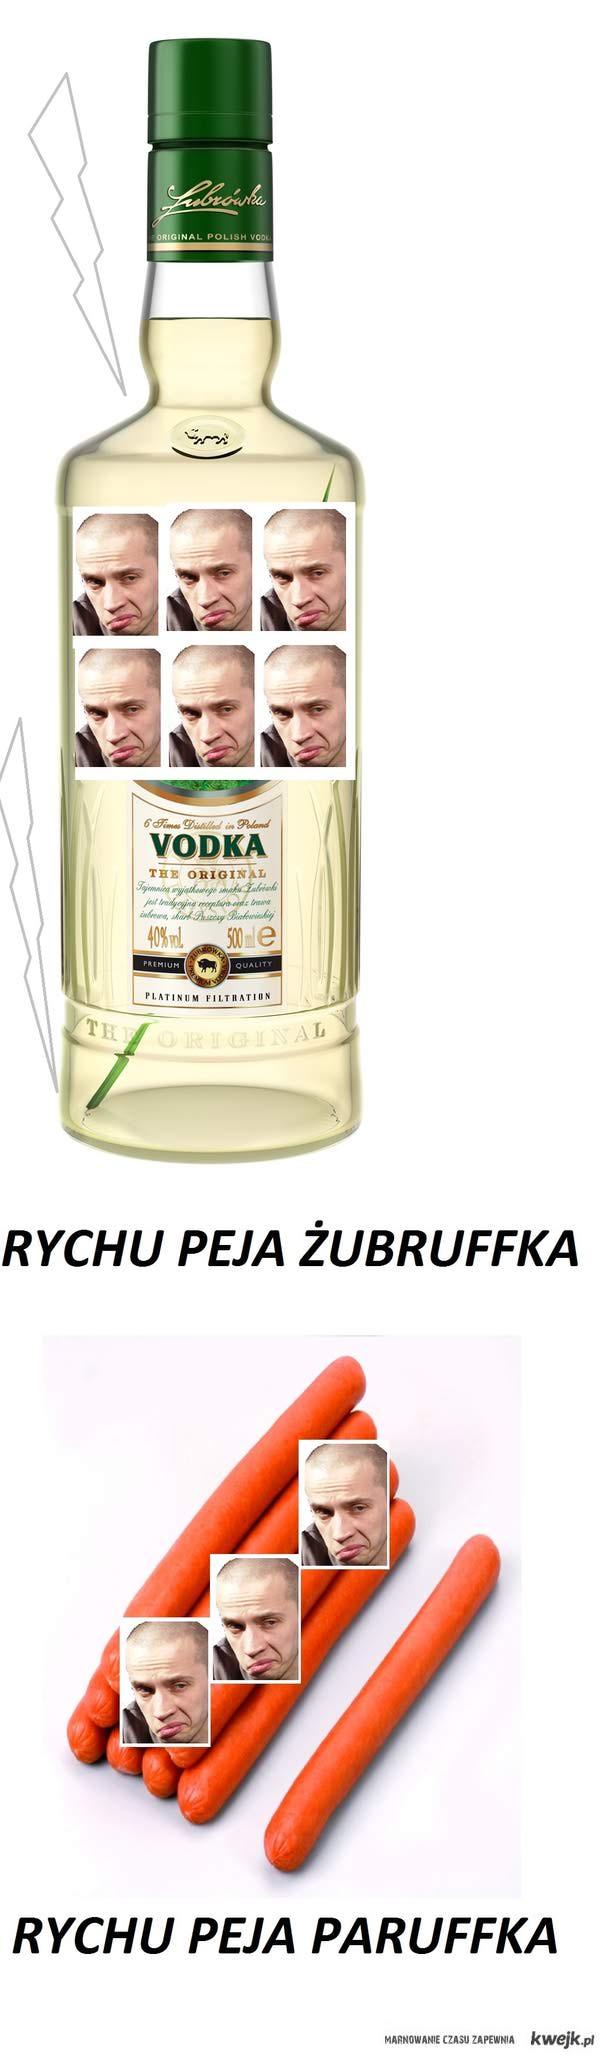 Rychu Peja żubruffka,paruffka.